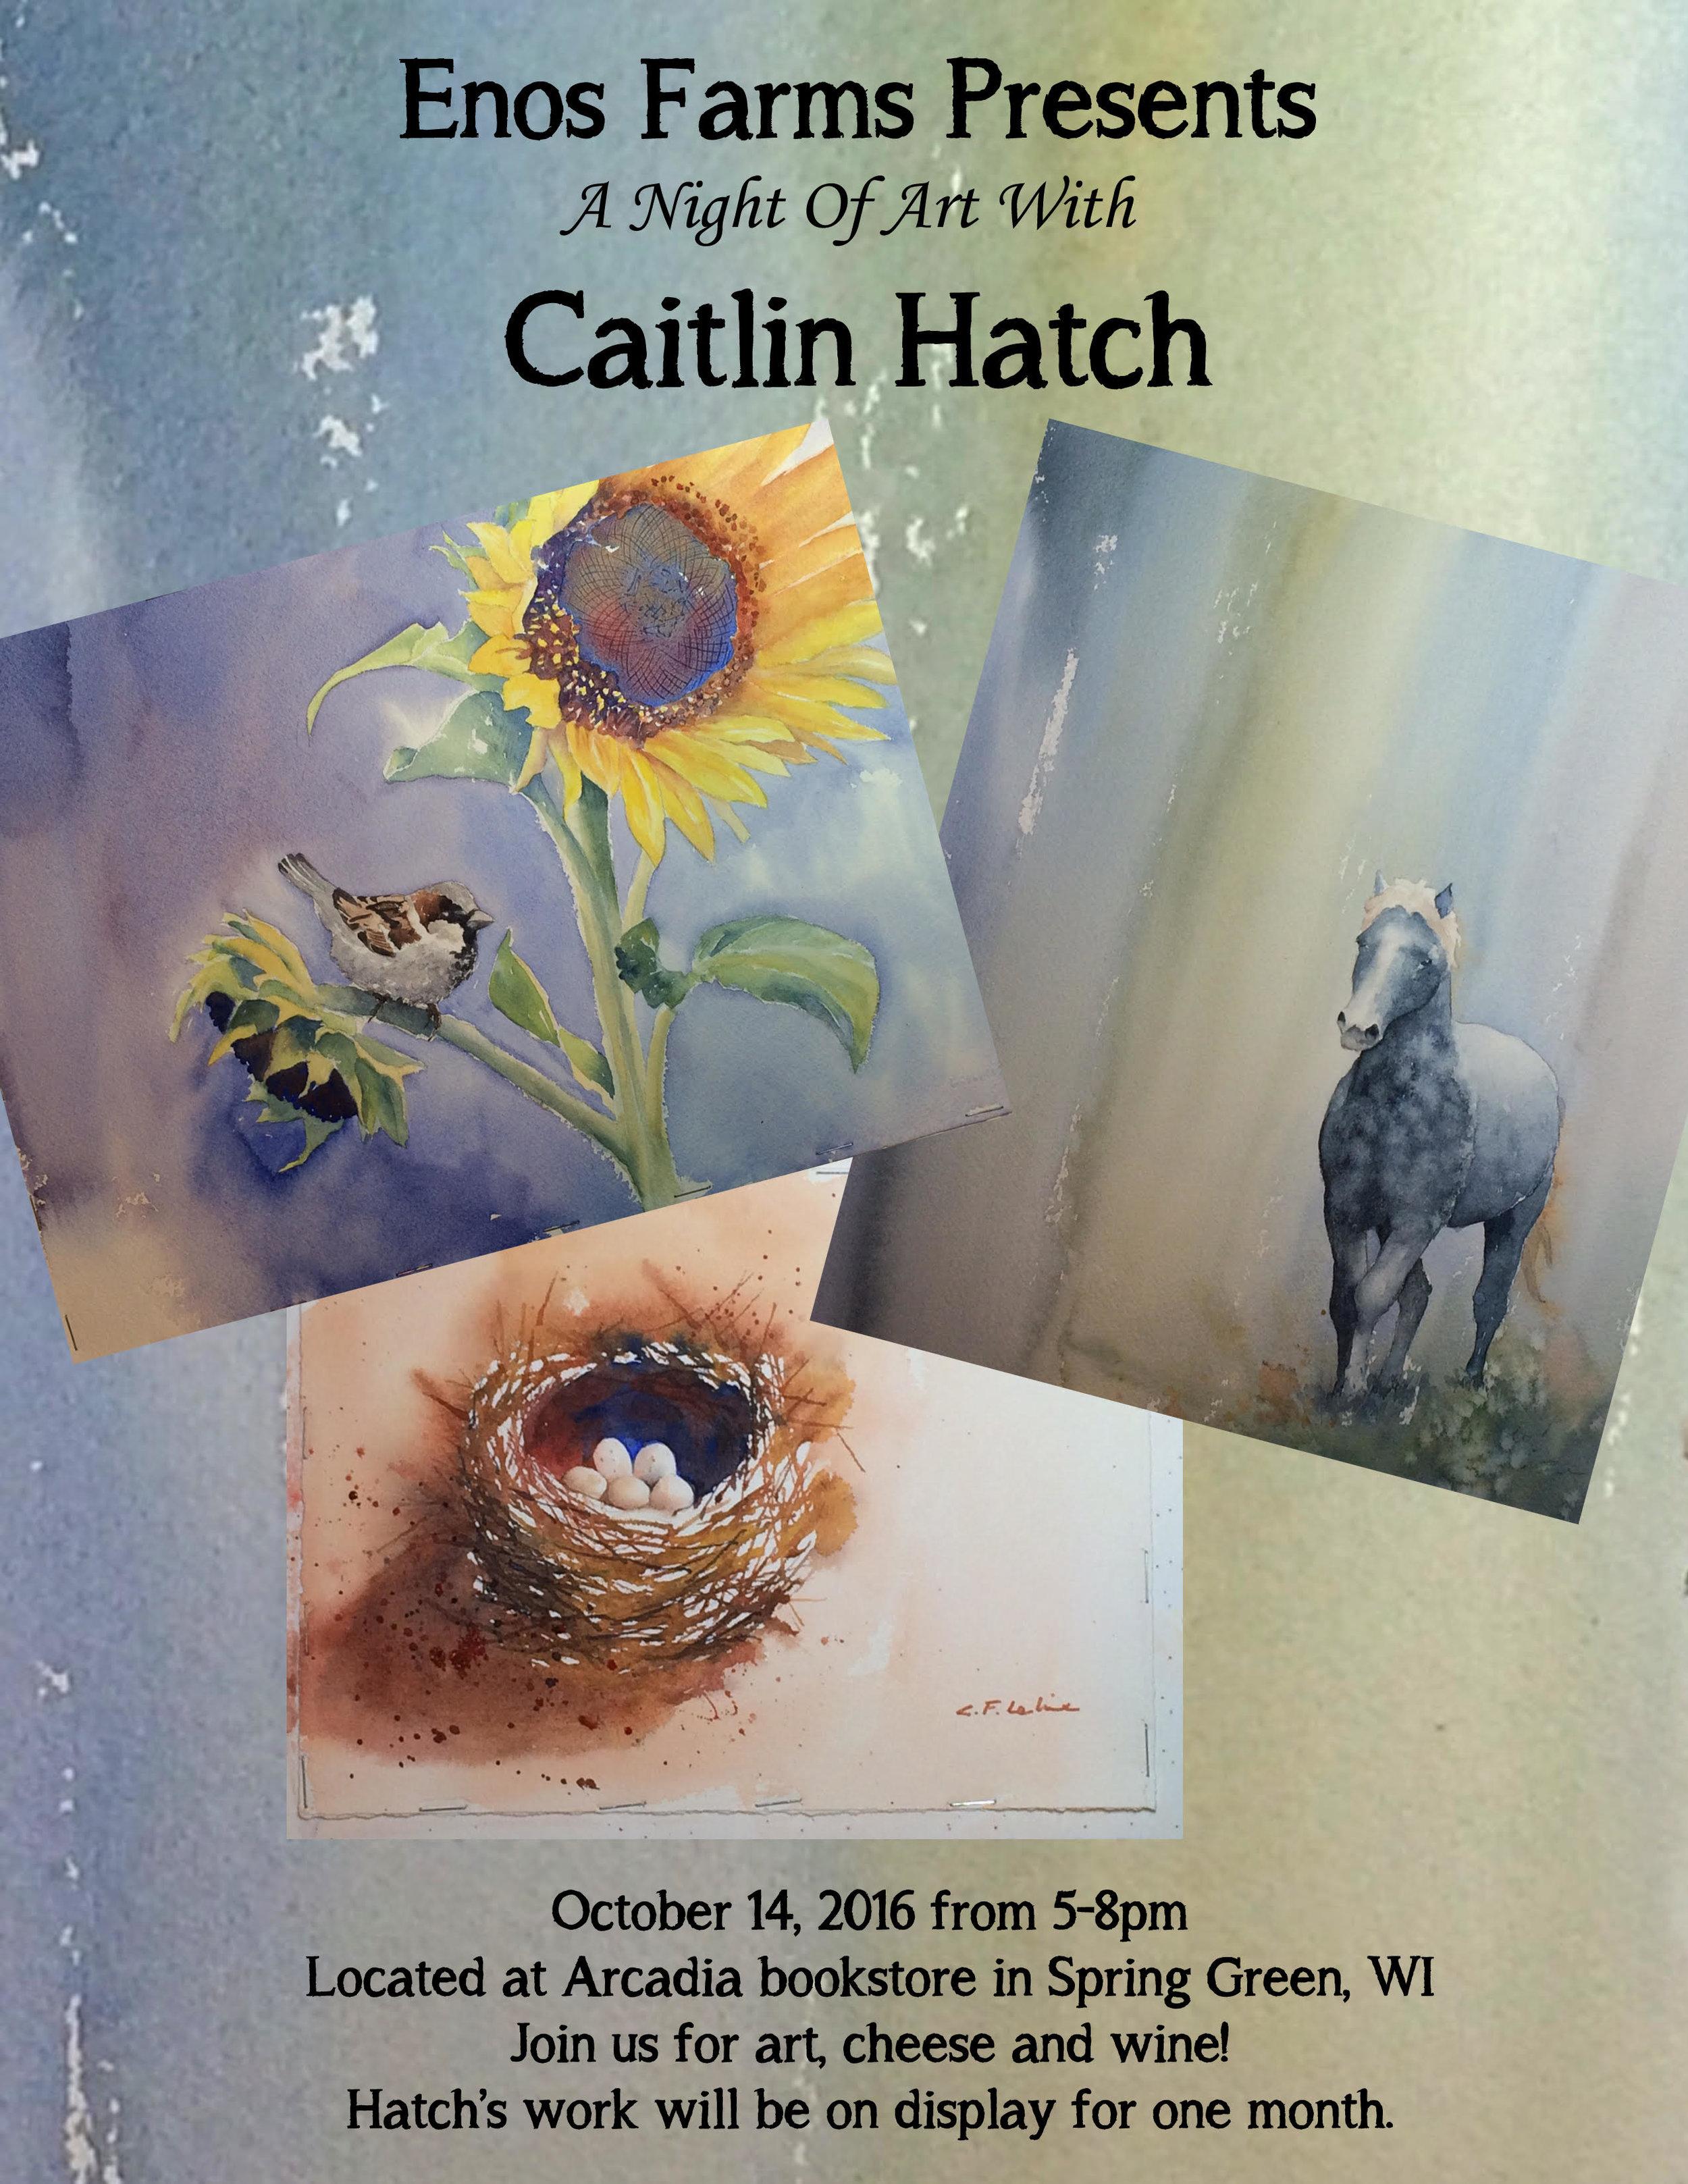 Caitlin Hatch